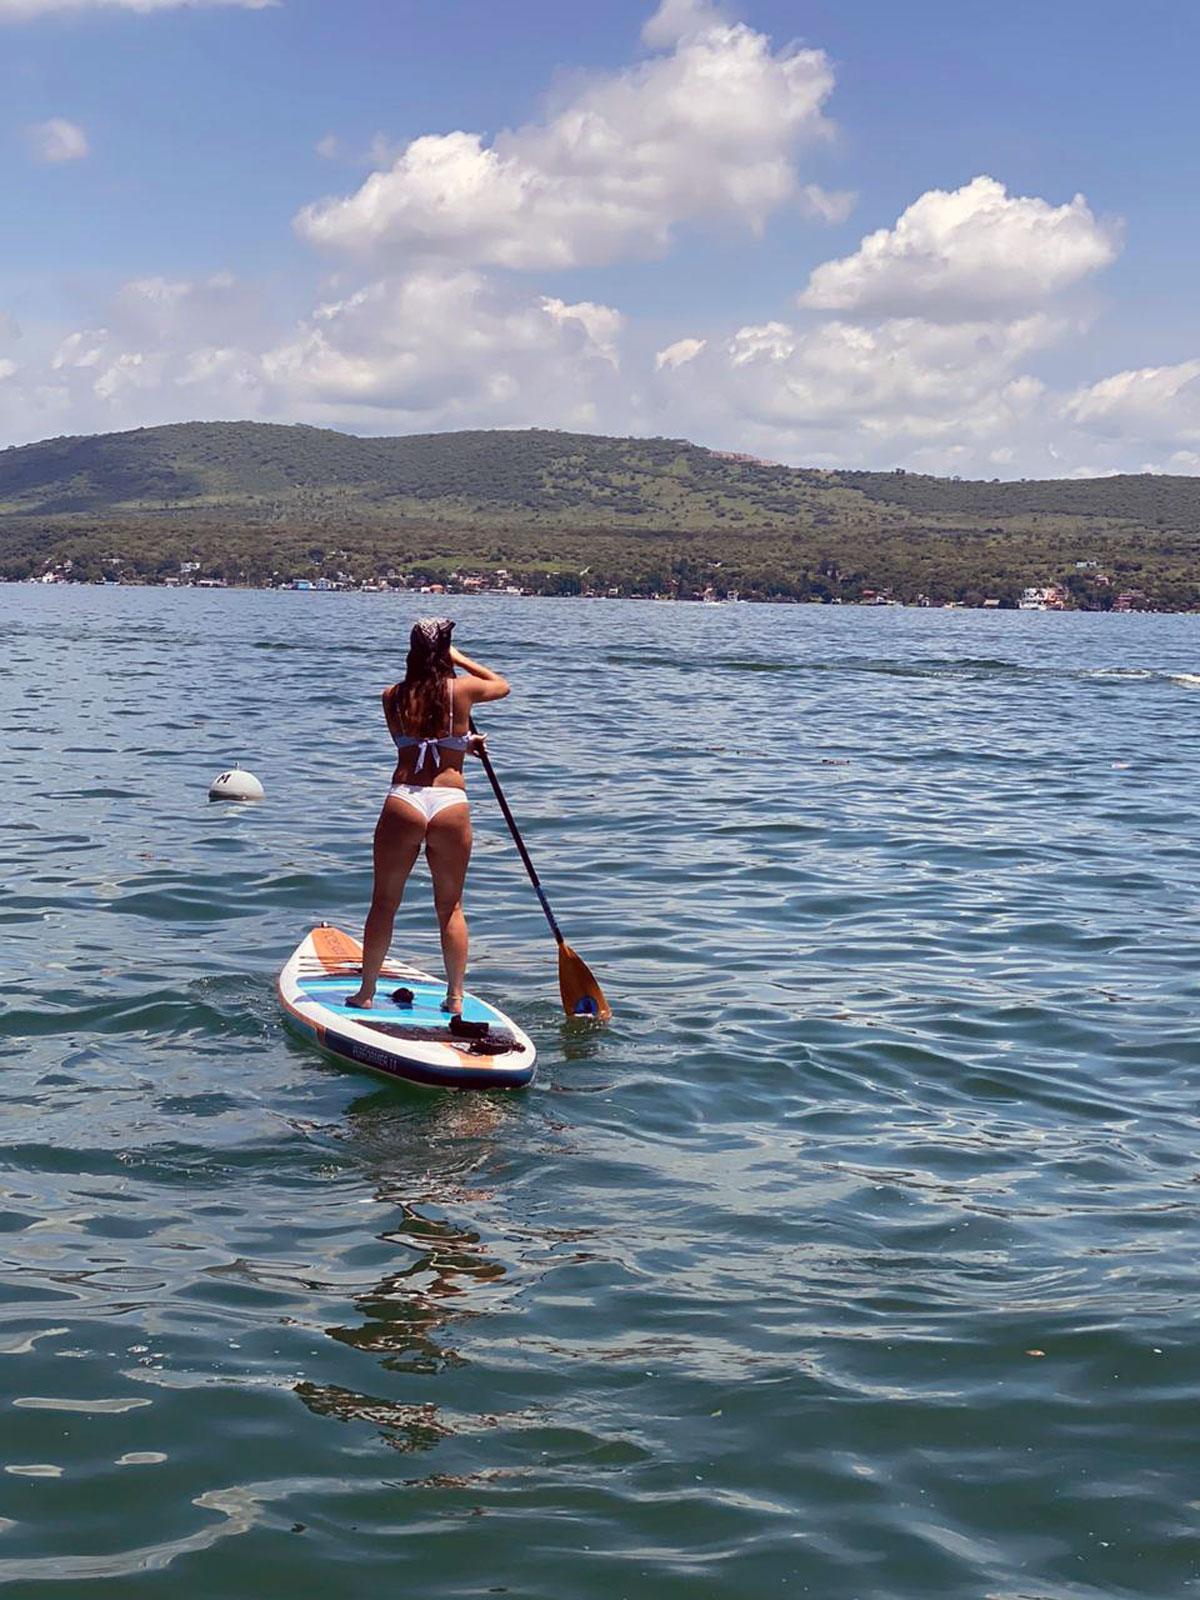 Renta de tablas de paddle board, kayaks, donas y motos acuáticas en el lago de Tequesquitengo, Morelos; México.